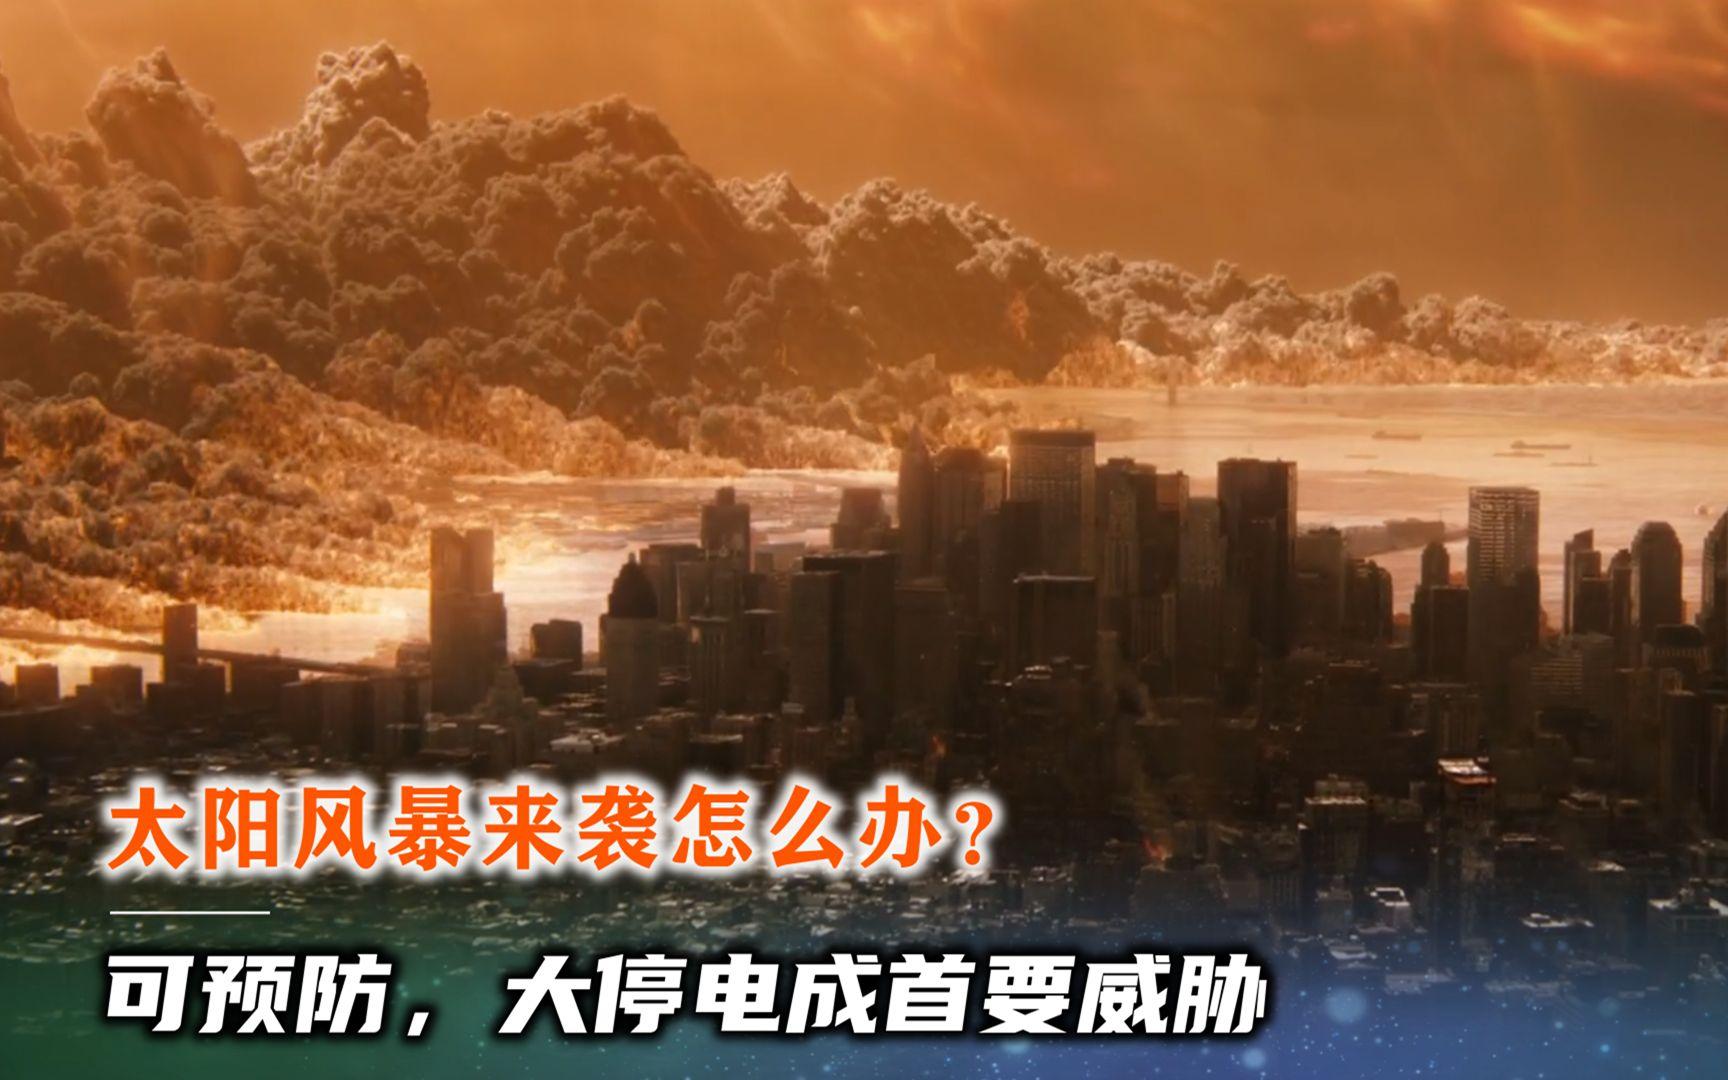 """太阳风暴u002F耀斑撞击地球,如何末日求生呢?一切威胁围绕""""大停电""""展开"""